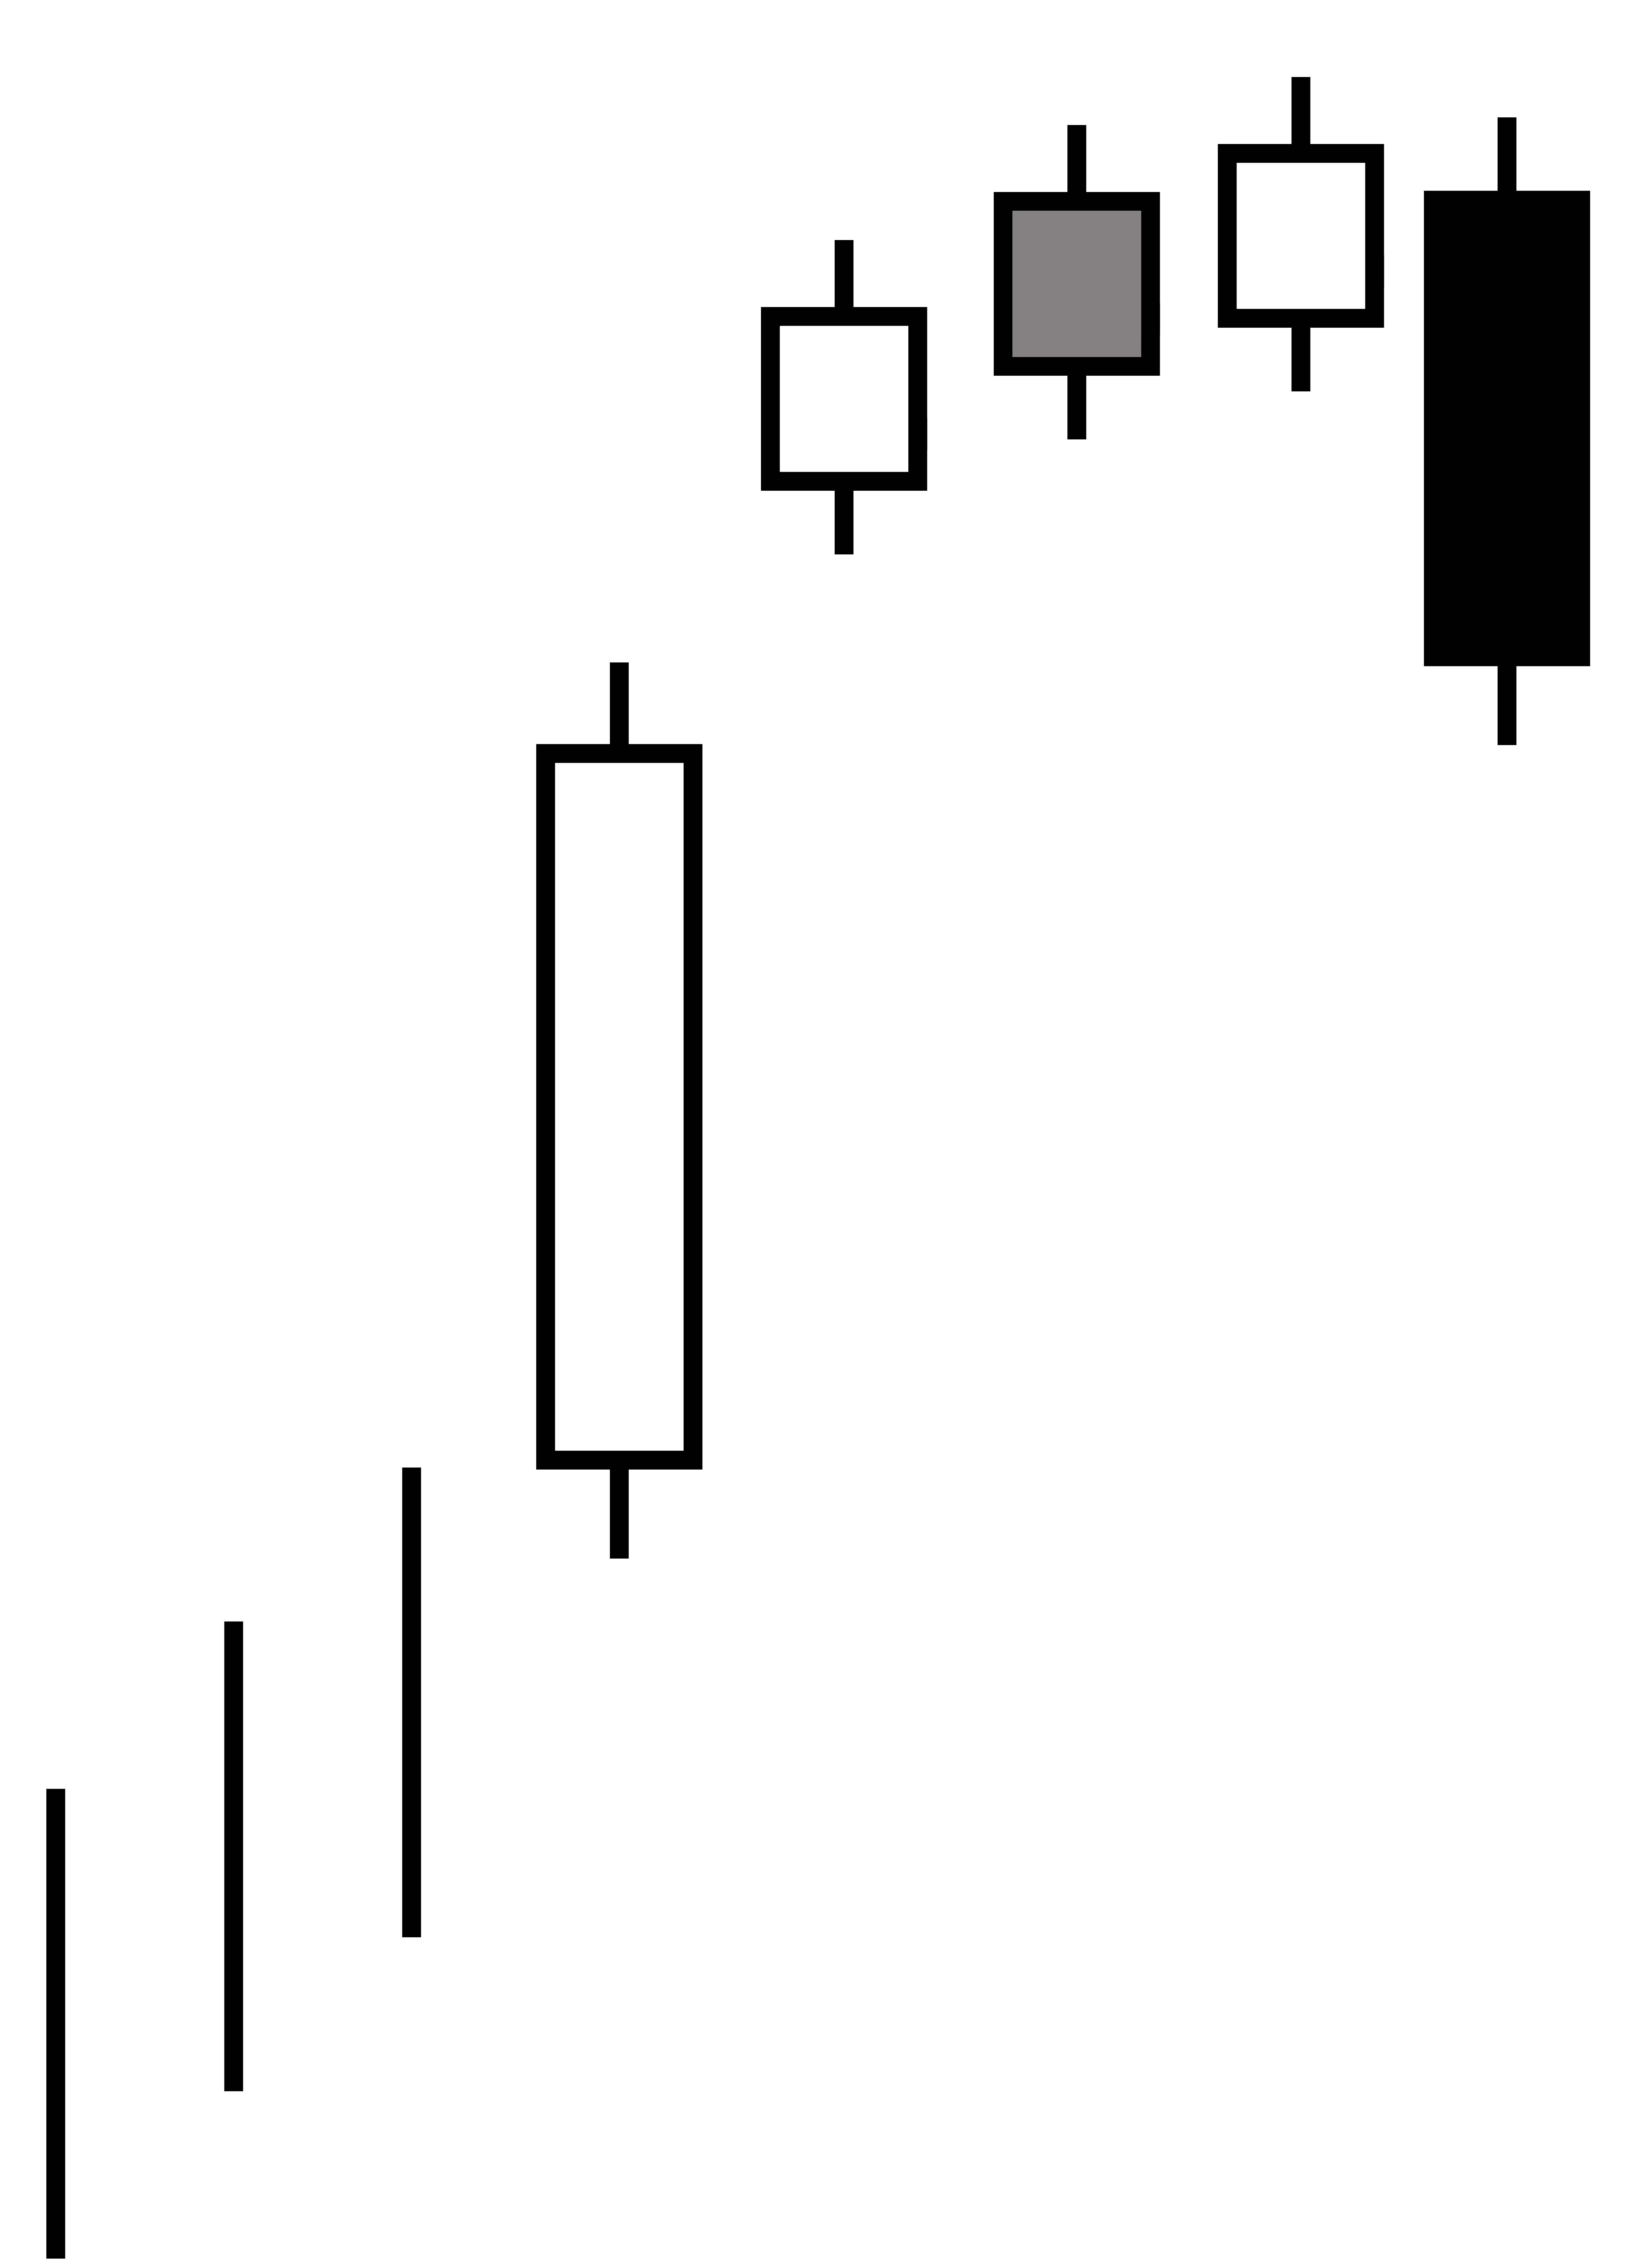 Candlestick Charts Live: Candlestick pattern bearish breakaway.jpg - Wikimedia Commons,Chart